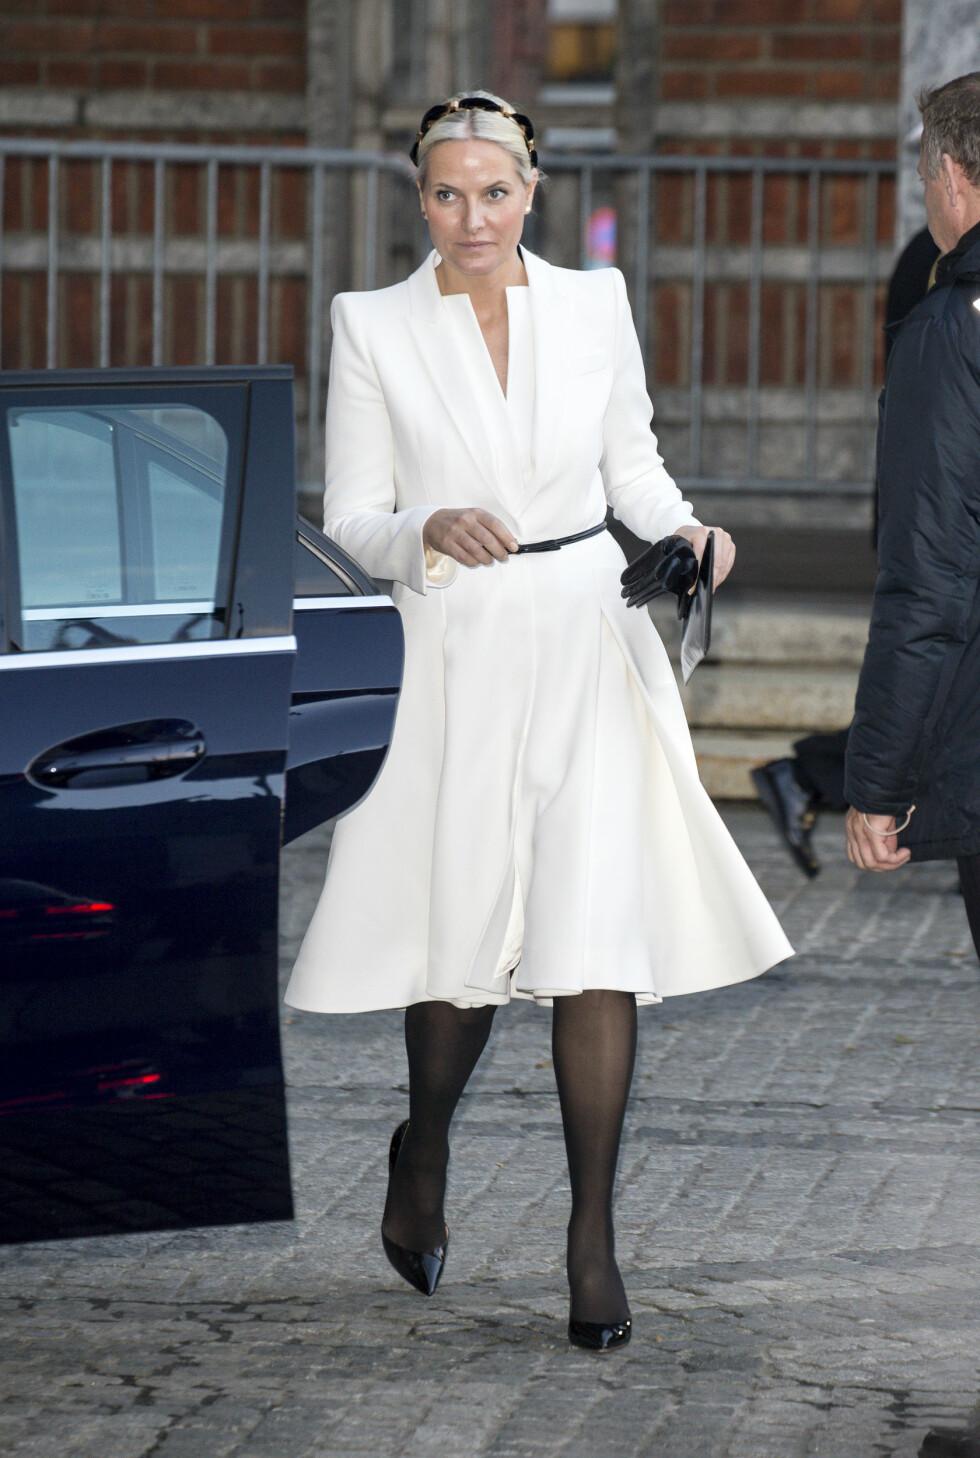 FLOTT KJOLE: Mette-Marit har tidligere brukt kjolen under dronning Margrethes 75-års feiring tidligere i år. Foto: Se og Hør, Andreas Fadum